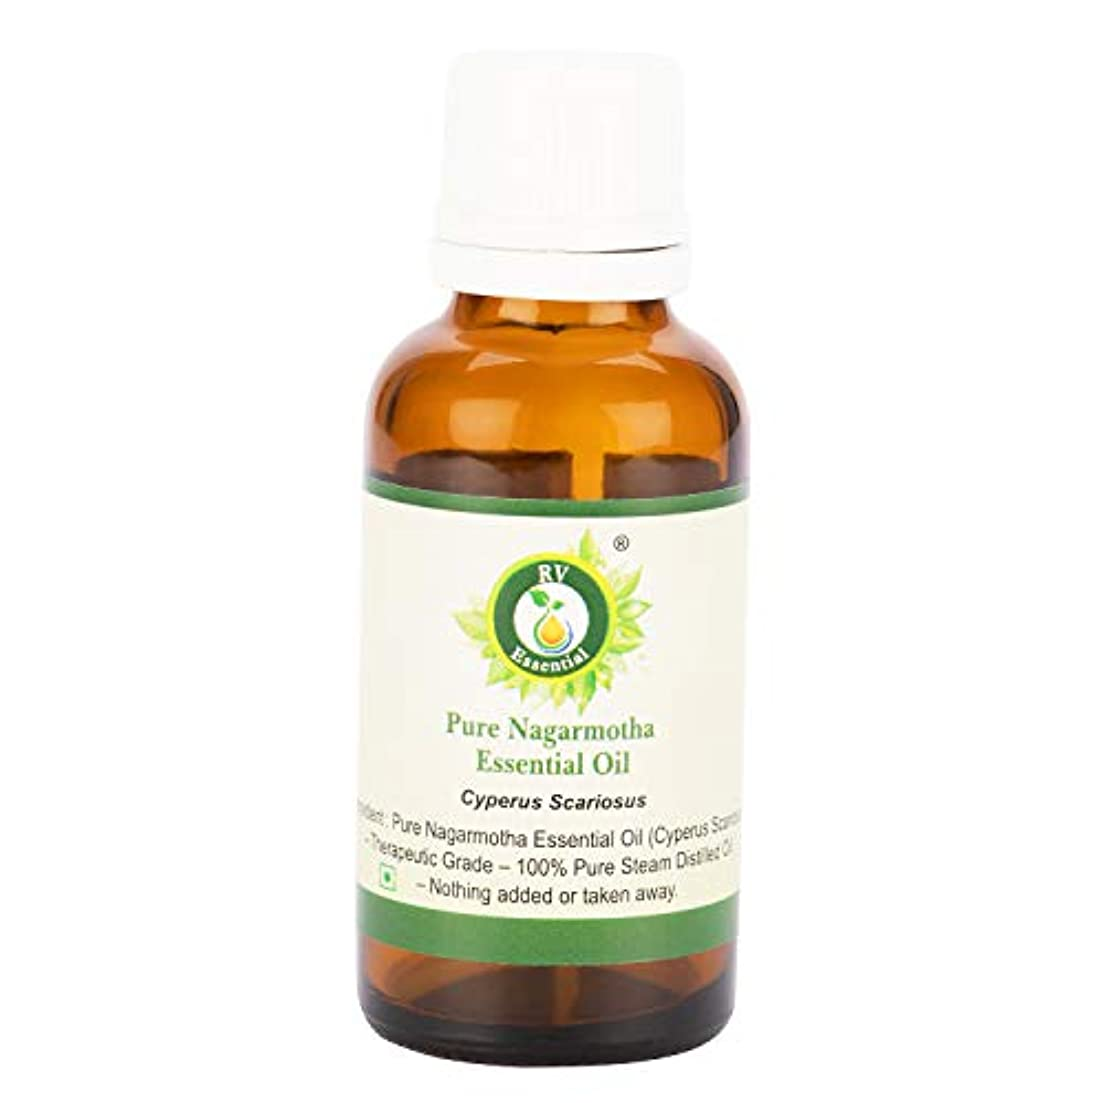 ねばねばるゲートピュアNagarmothaエッセンシャルオイル630ml (21oz)- Cyperus Scariosus (100%純粋&天然スチームDistilled) Pure Nagarmotha Essential Oil